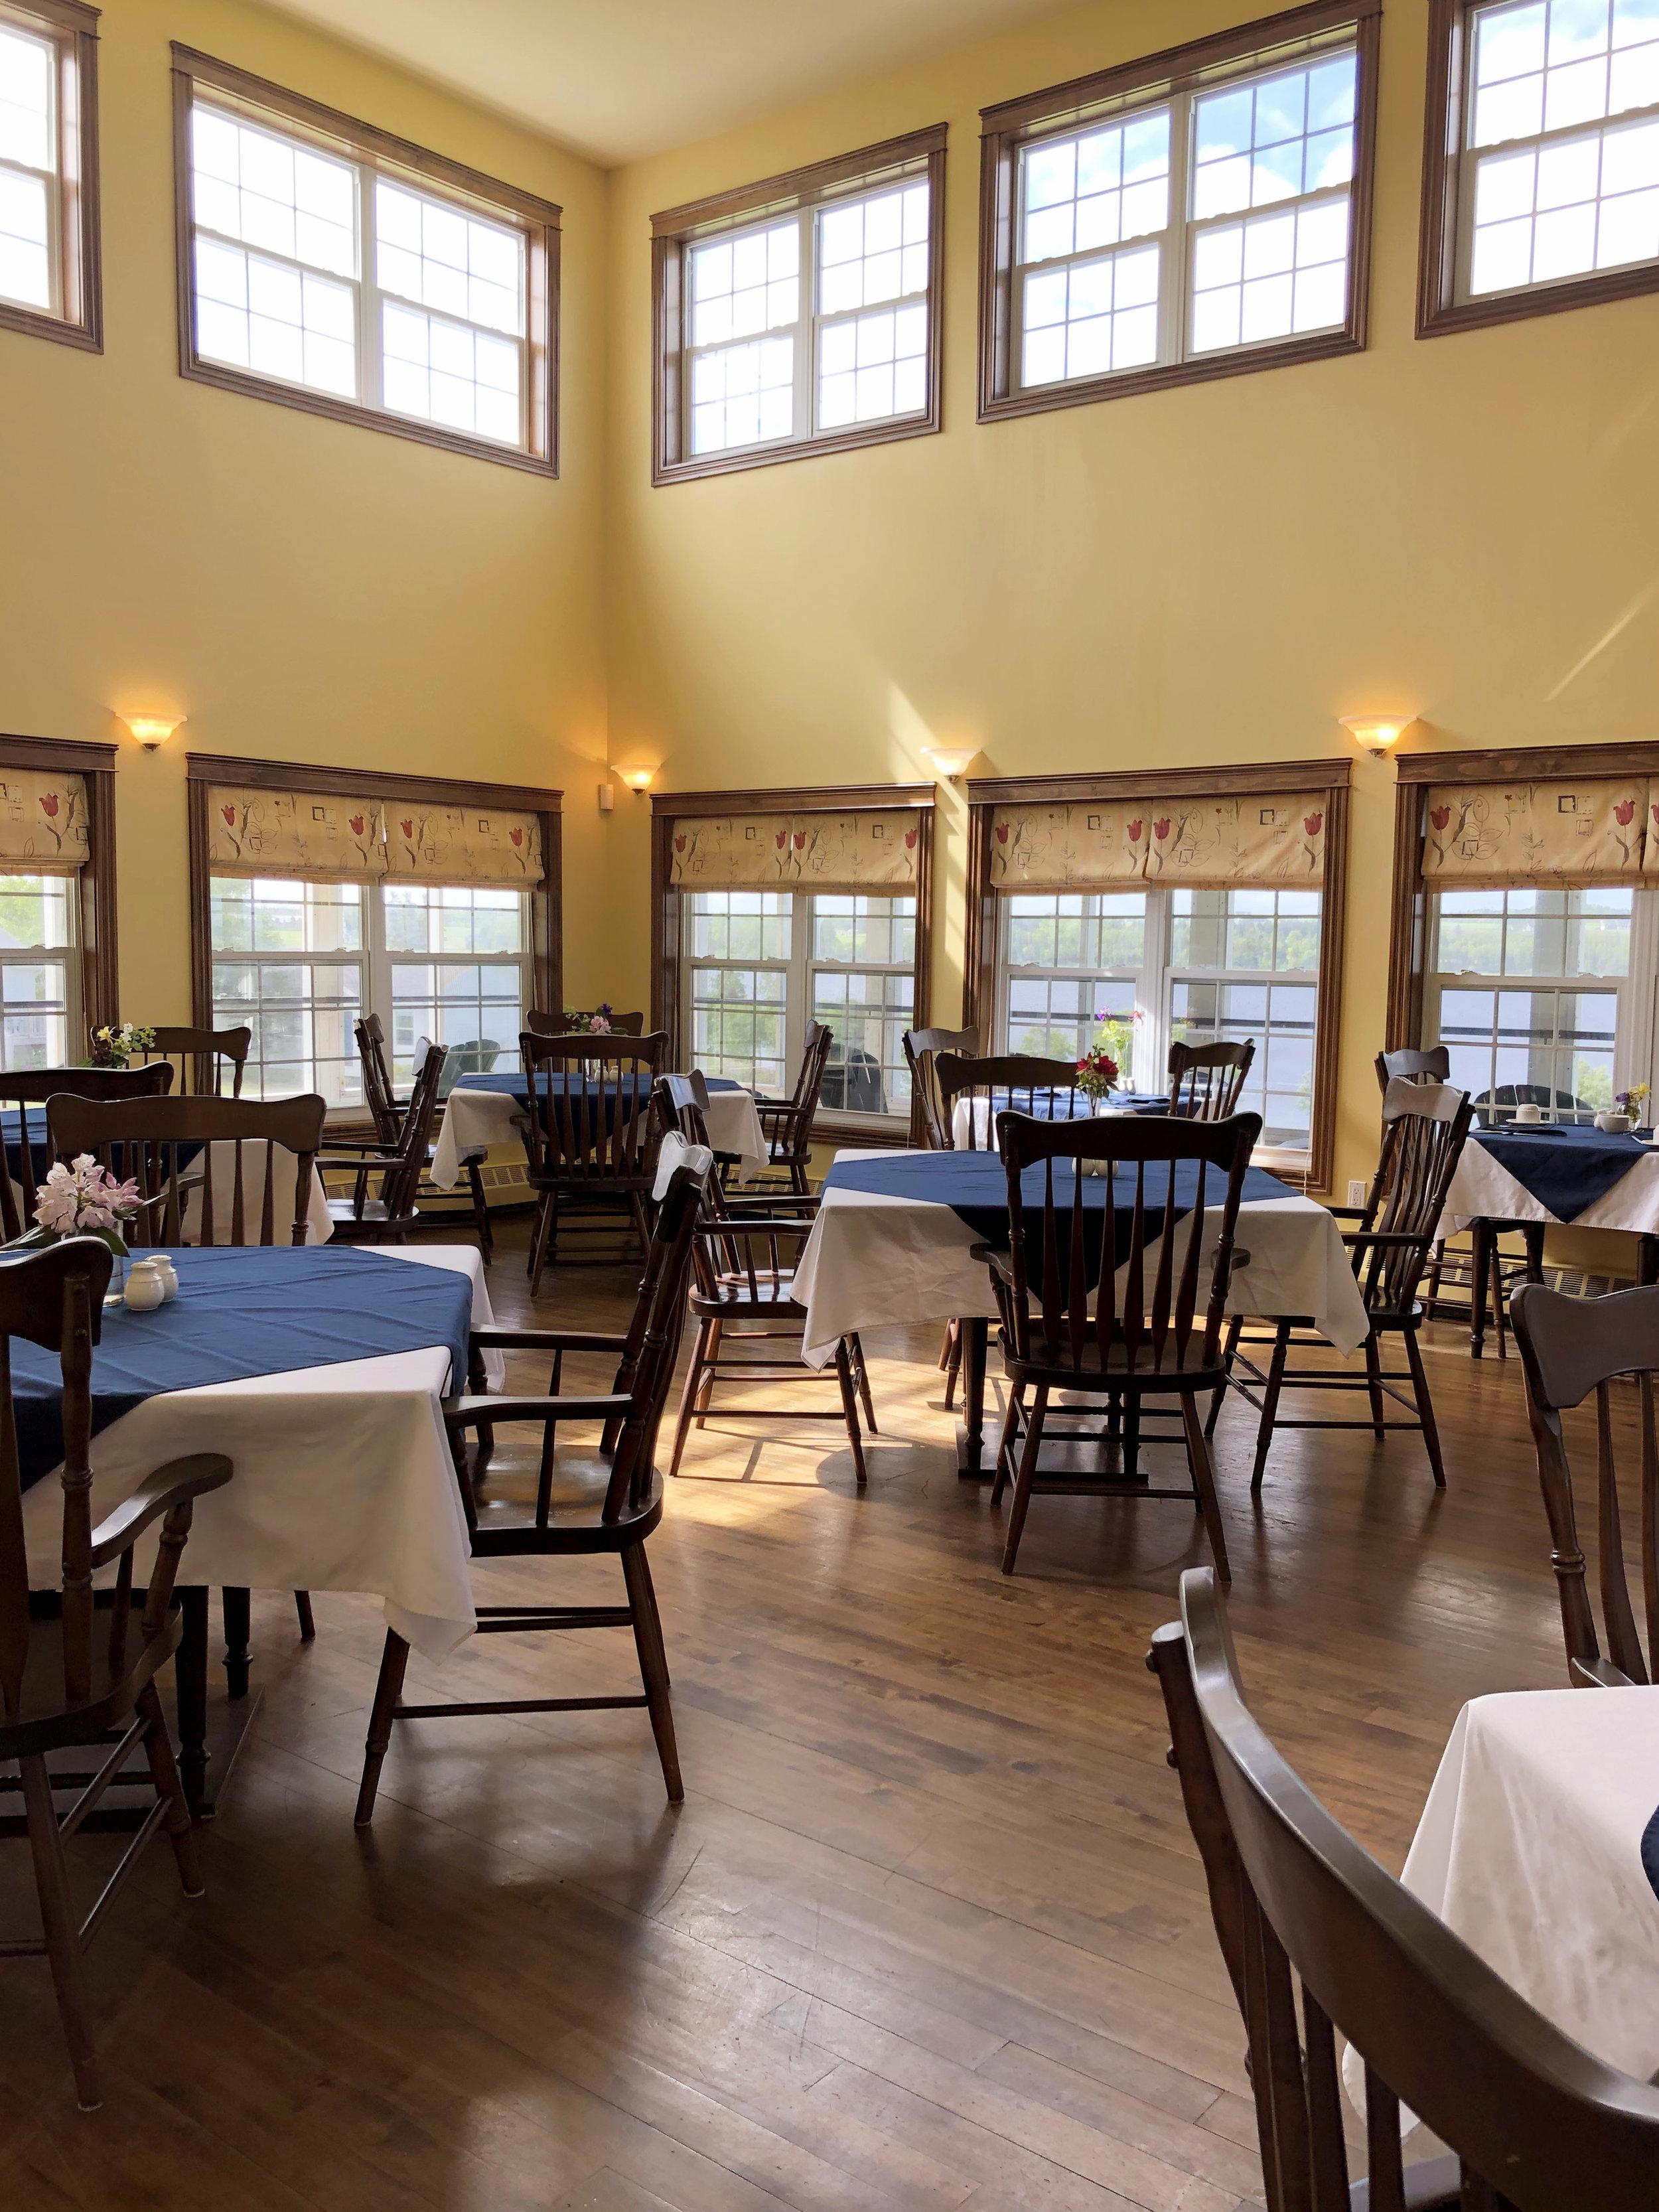 dining-room-tables-windows.jpg